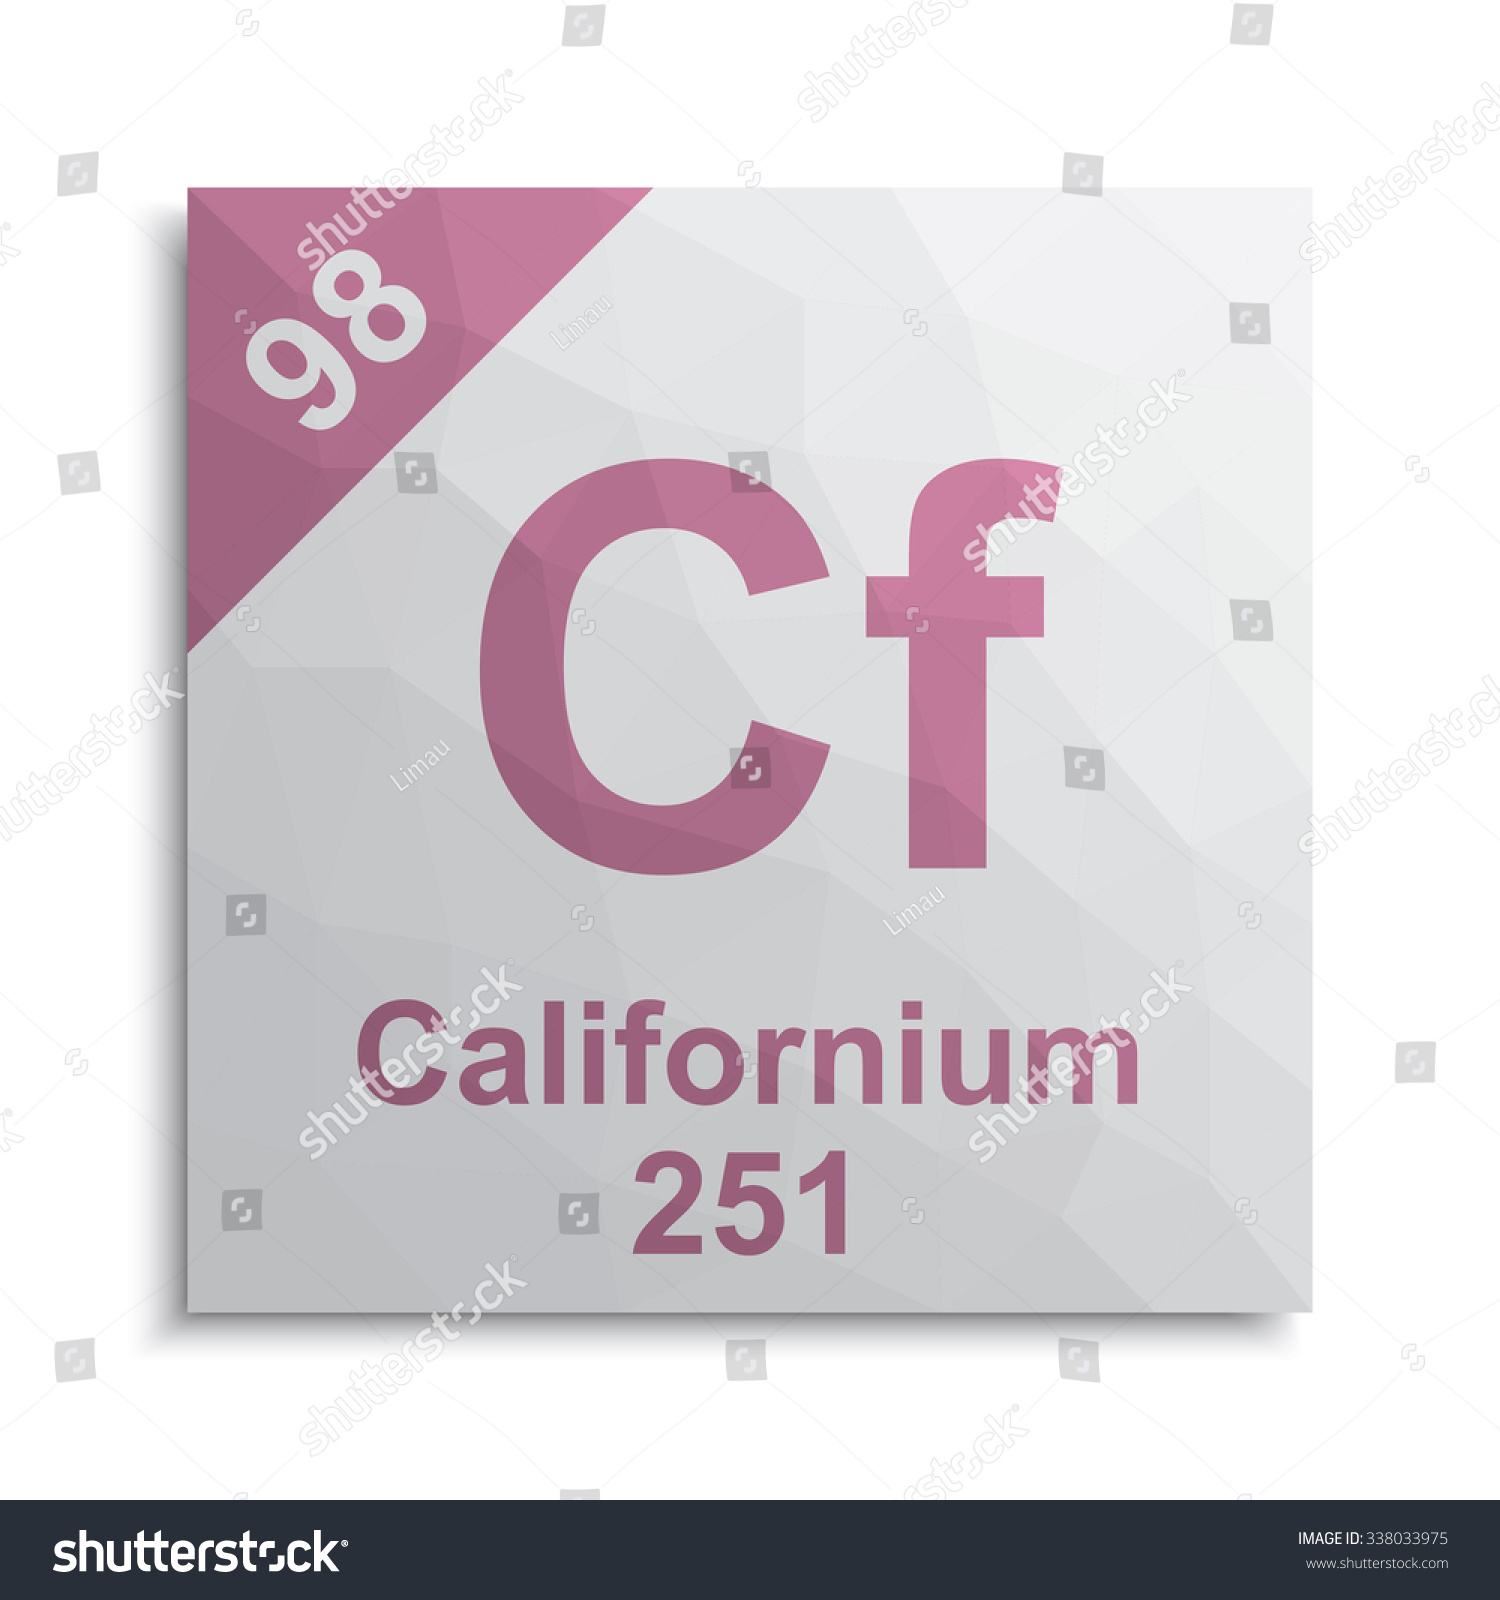 Californium element periodic table stock vector 338033975 californium element periodic table gamestrikefo Images